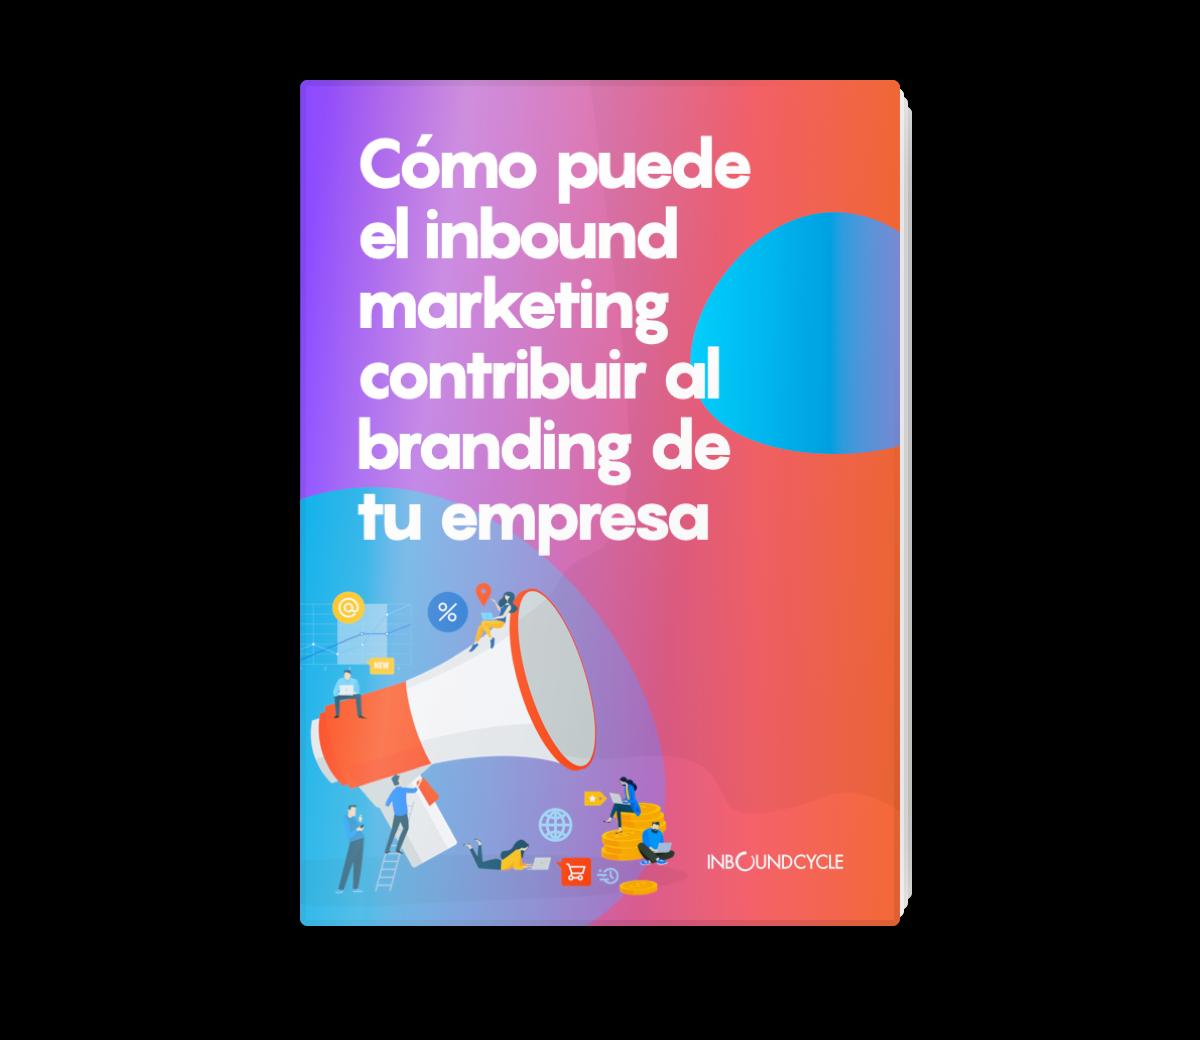 Portada - Email - Cómo puede el inbound marketing contribuir al branding de tu empresa